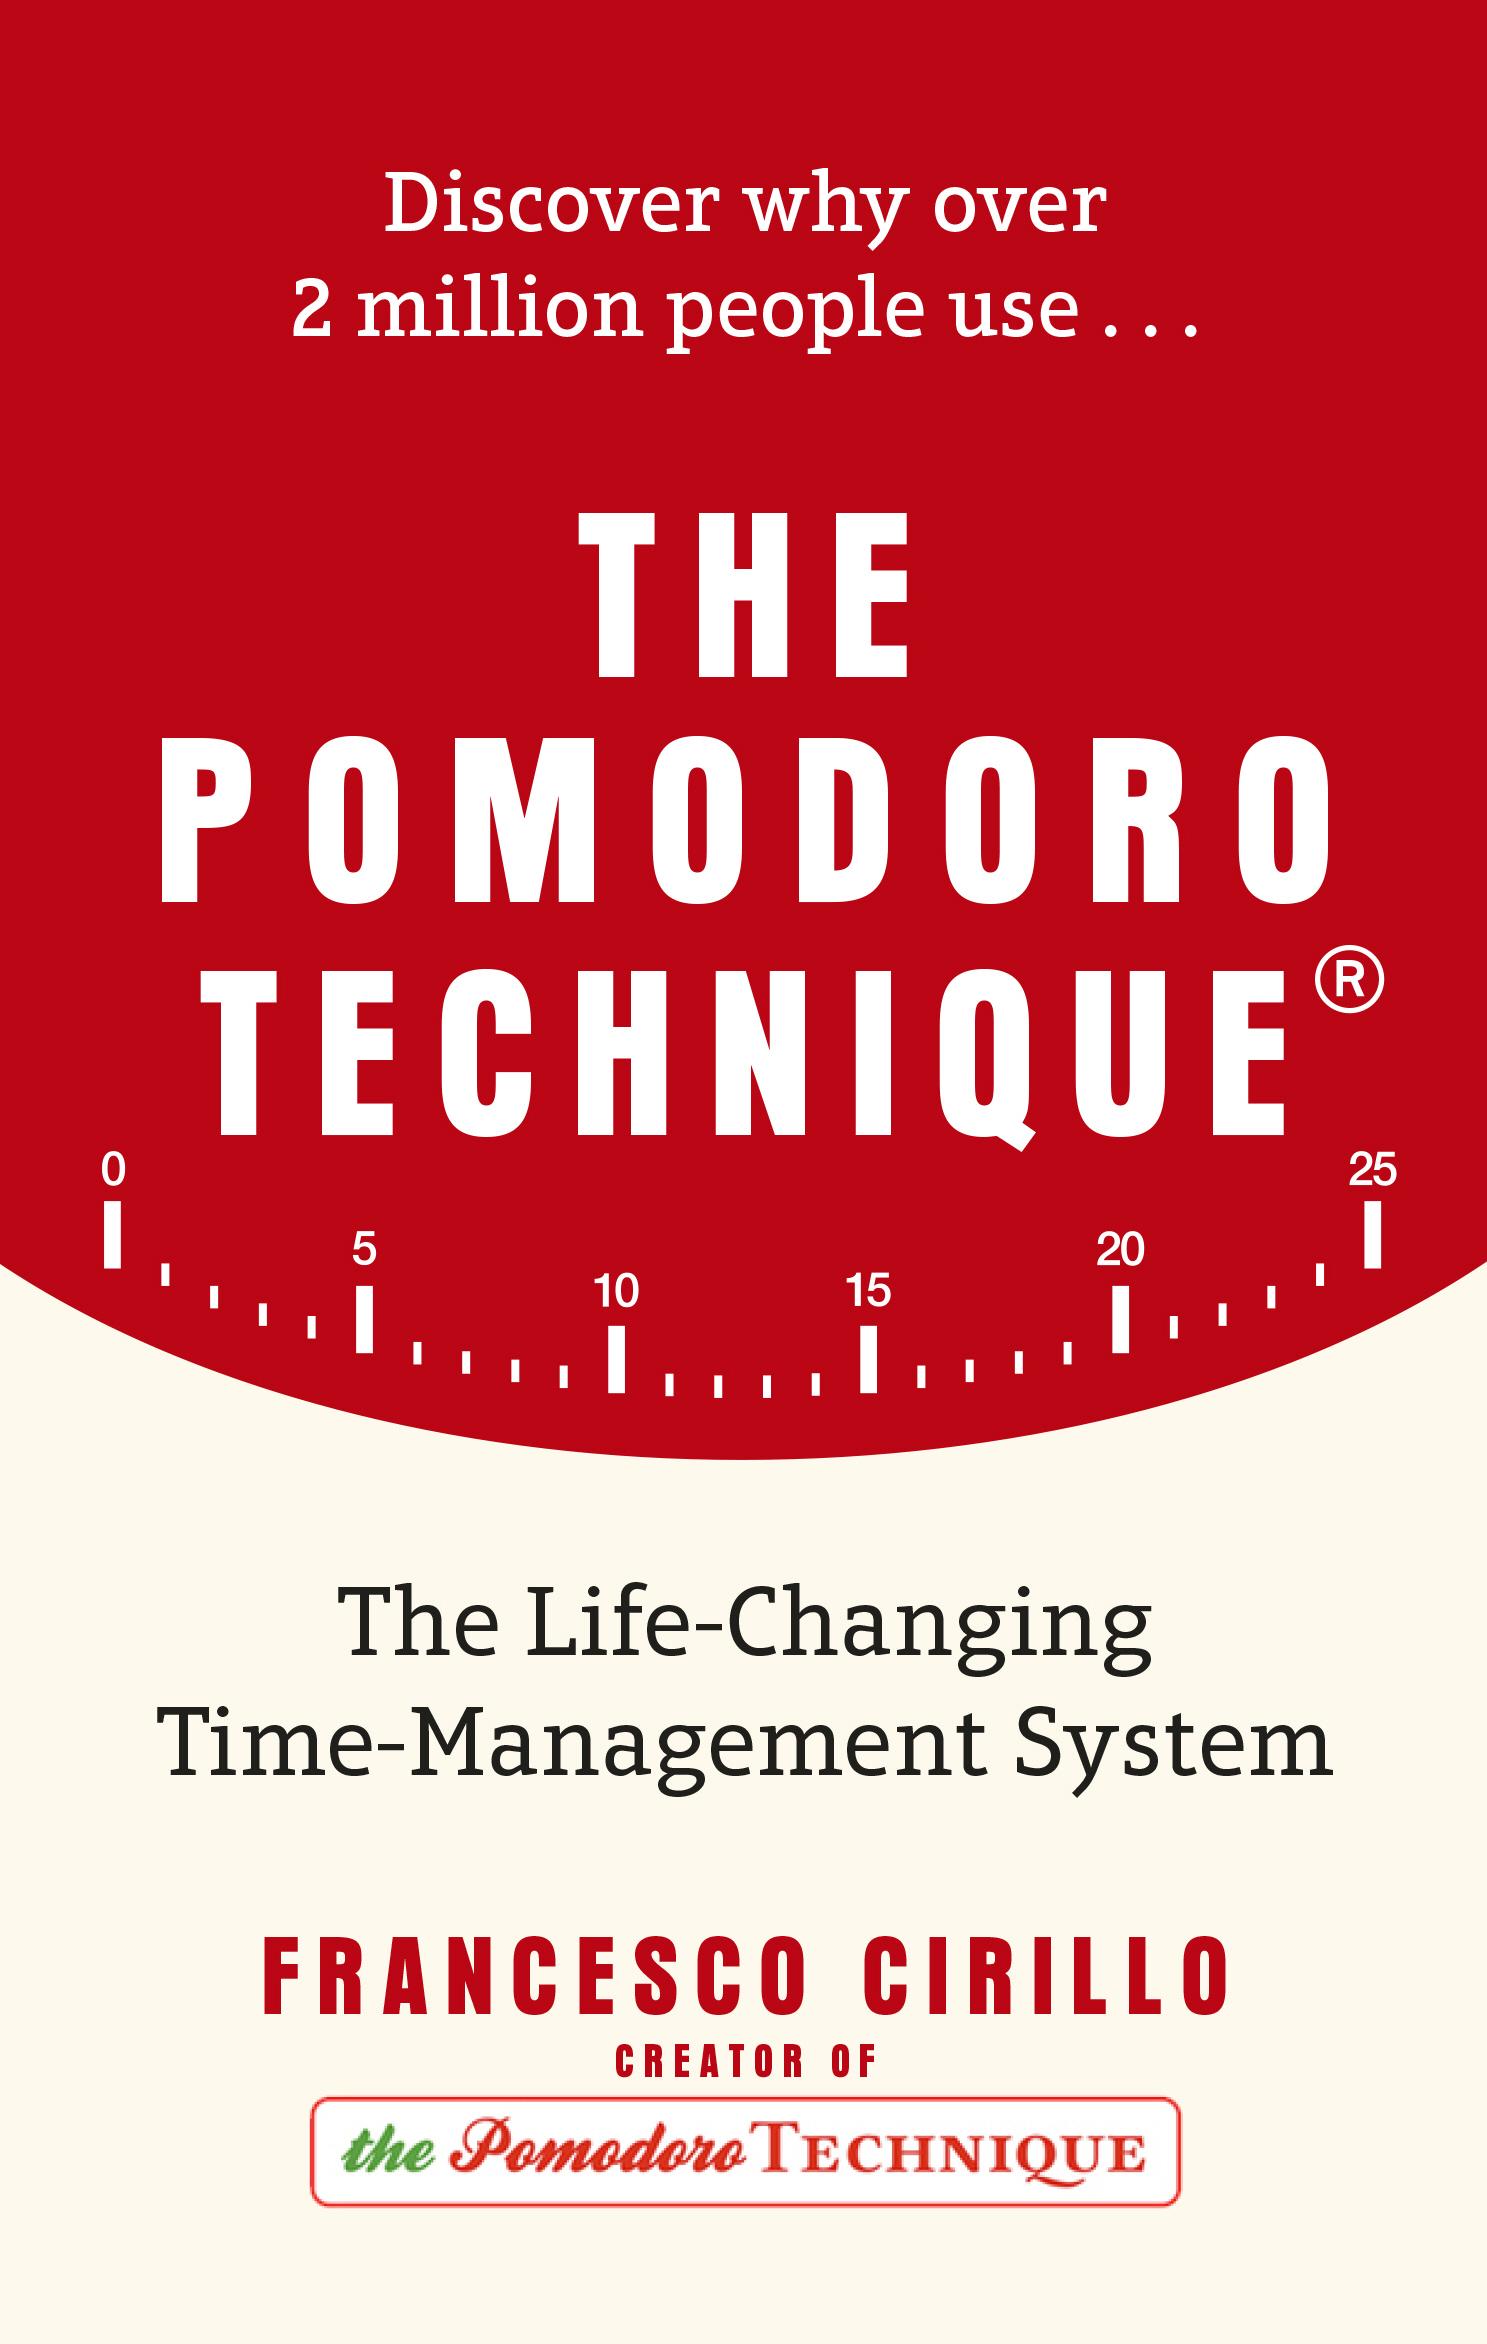 Download Ebook The Pomodoro Technique by Francesco Cirillo Pdf